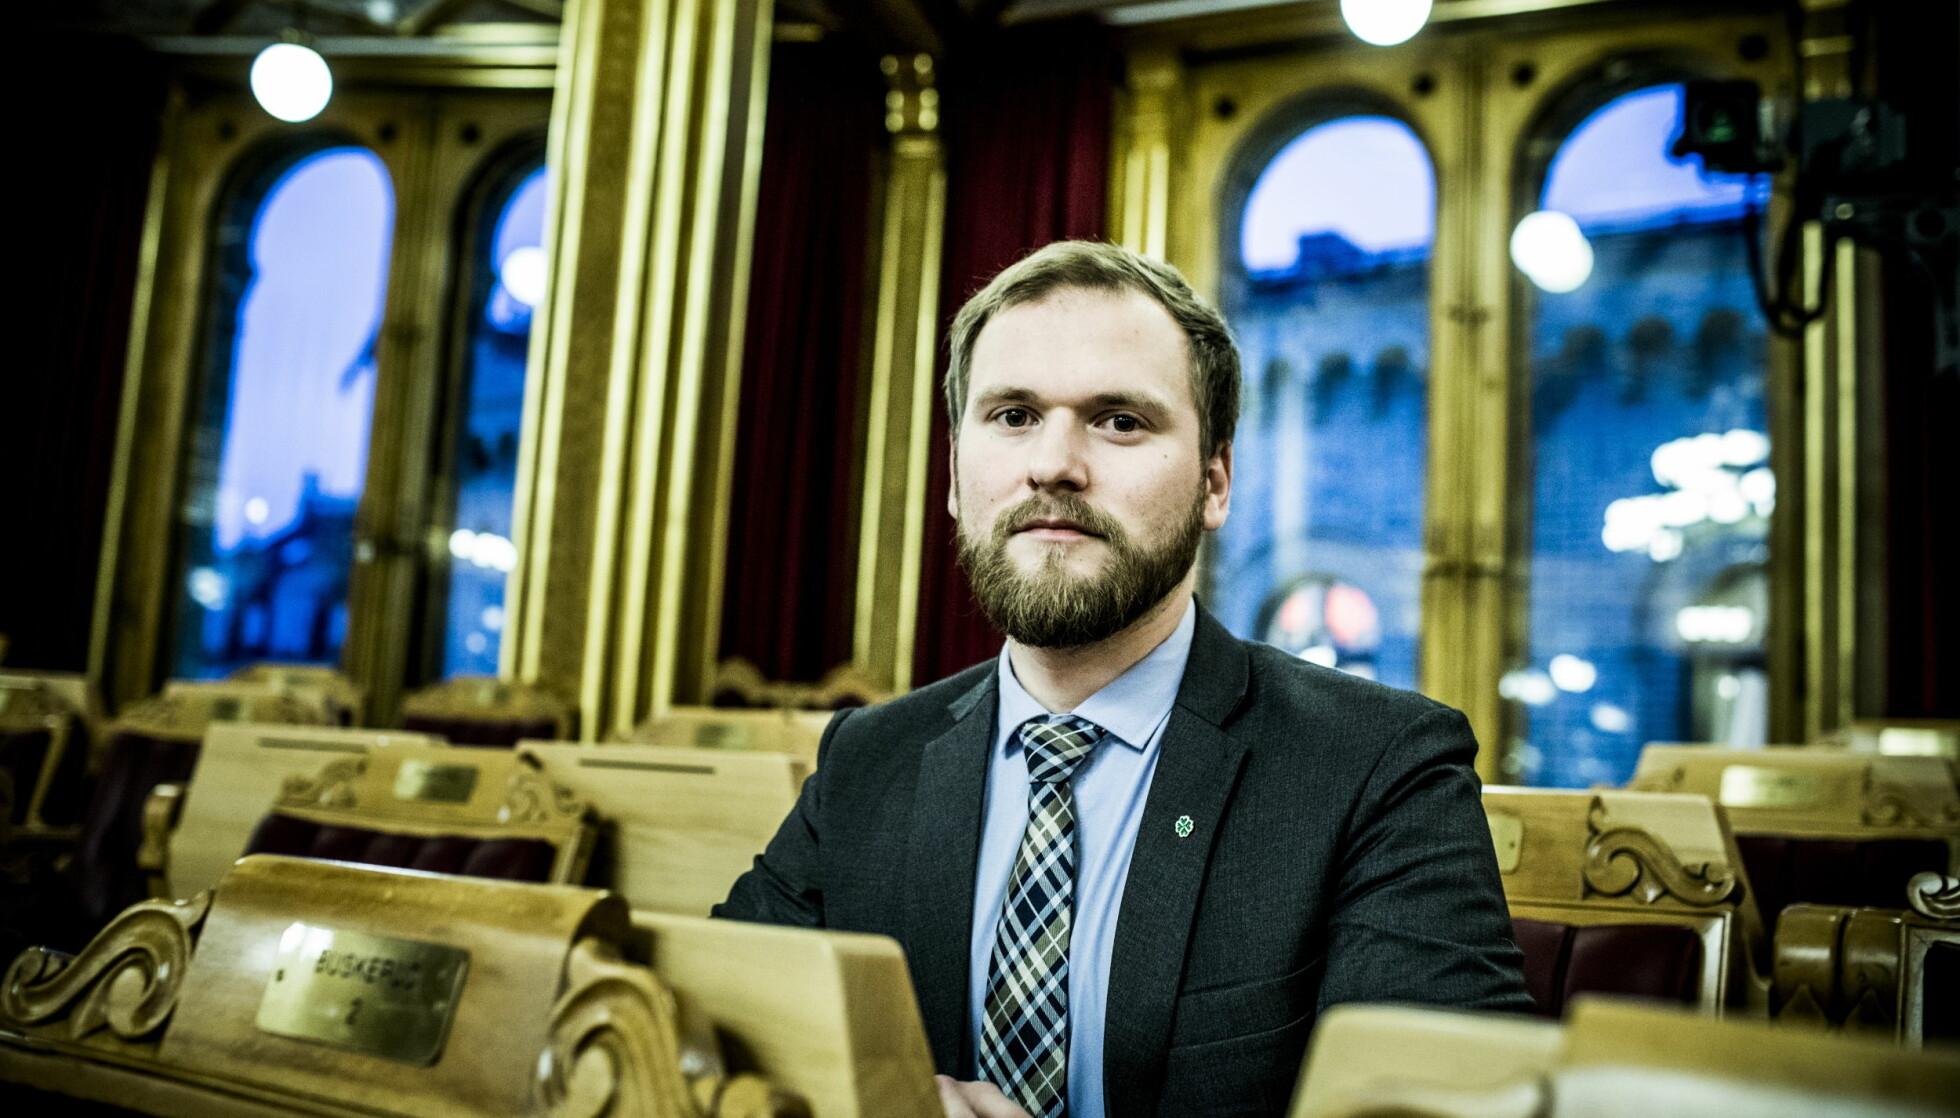 KRITISK TIL HOFFETS PENGEBRUK: Stortingsrepresentant Wilfred Nordlund (Sp), Her på plass i Stortinget. Foto: Christian Roth Christensen / Dagbladet